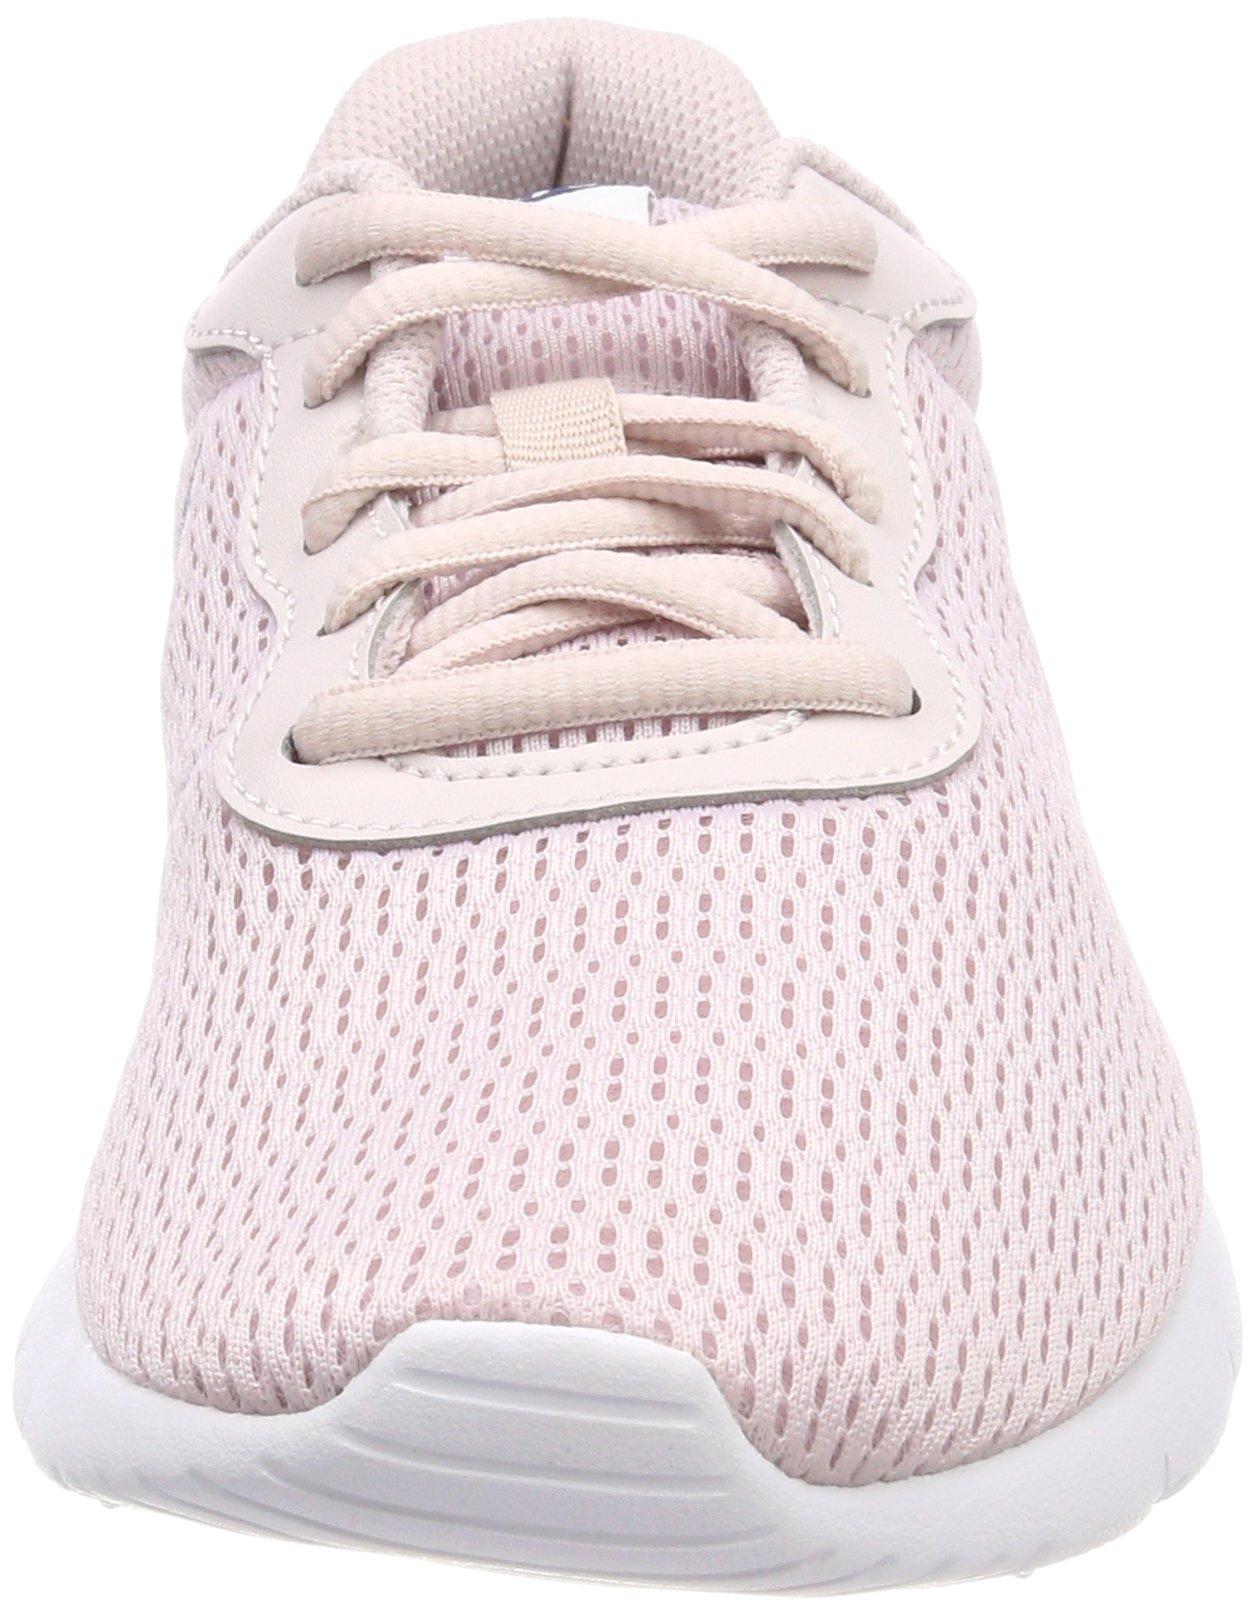 Nike Girl's Tanjun Shoe Barely Rose/Navy/White Size 4 M US by Nike (Image #4)